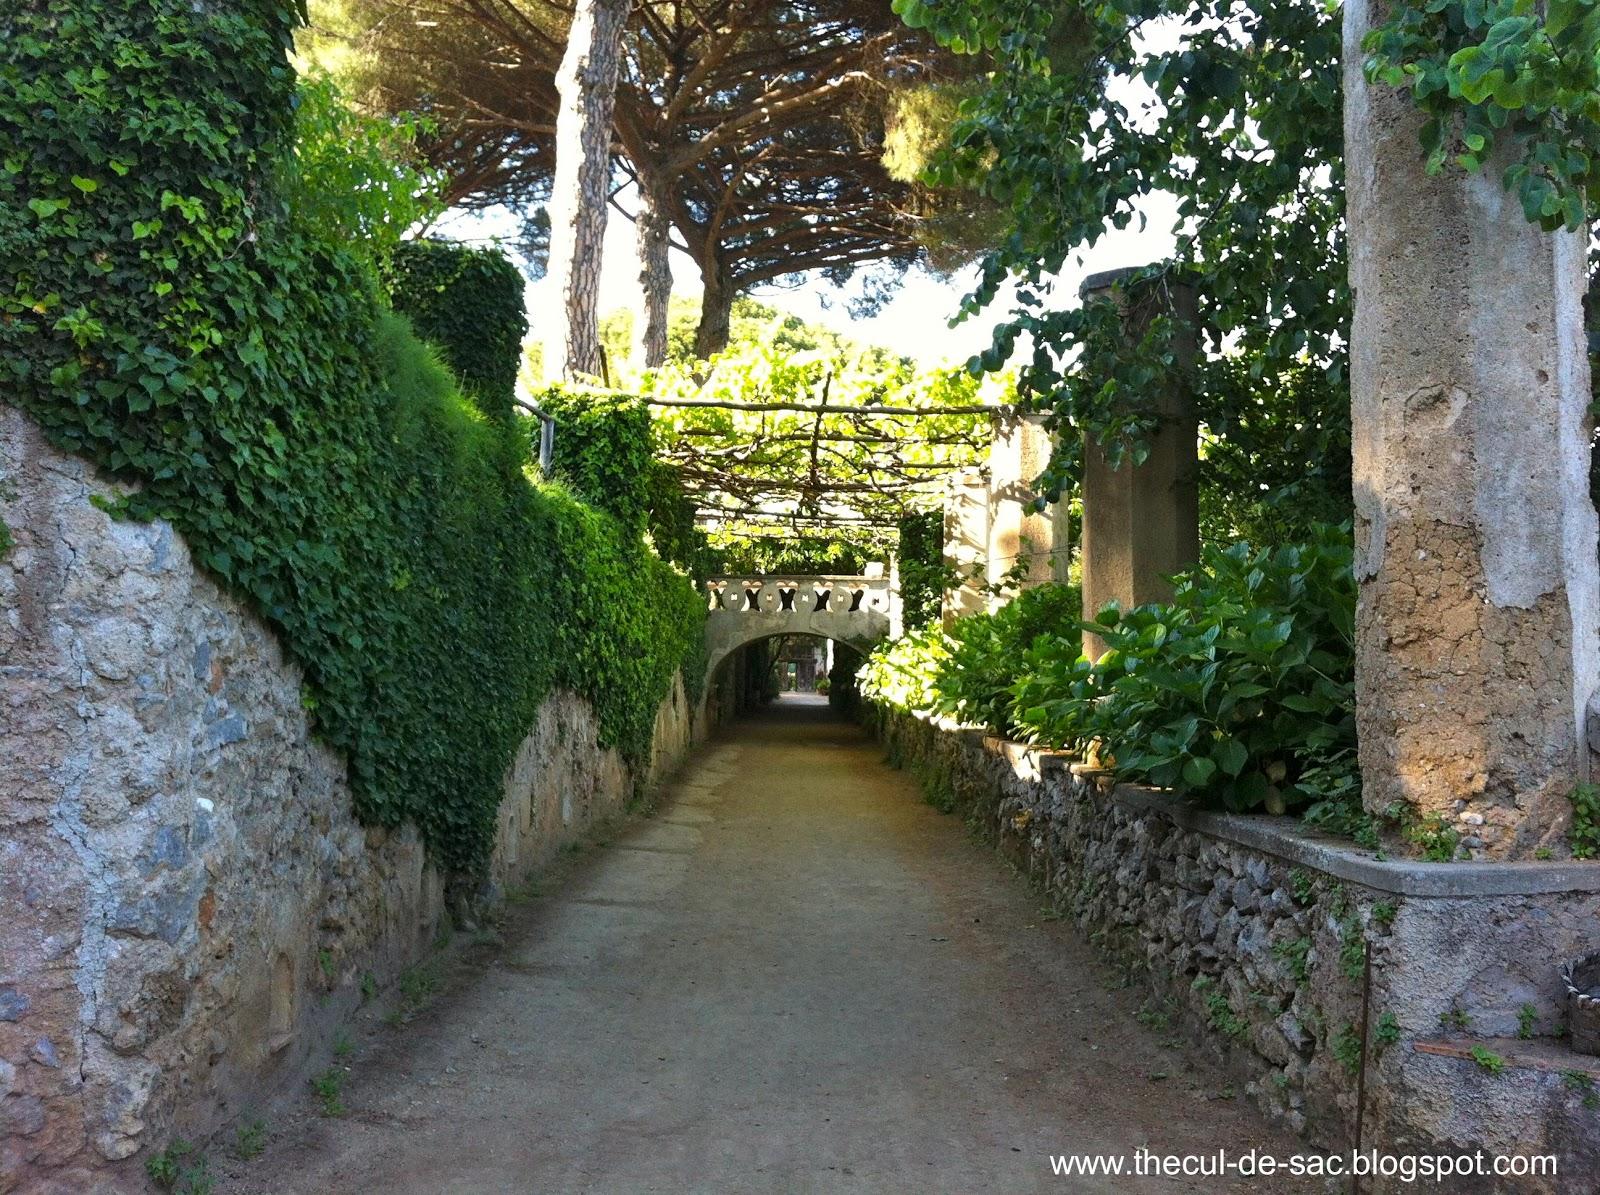 The Cul De Sac The Amalfi Coast And Capri Part I